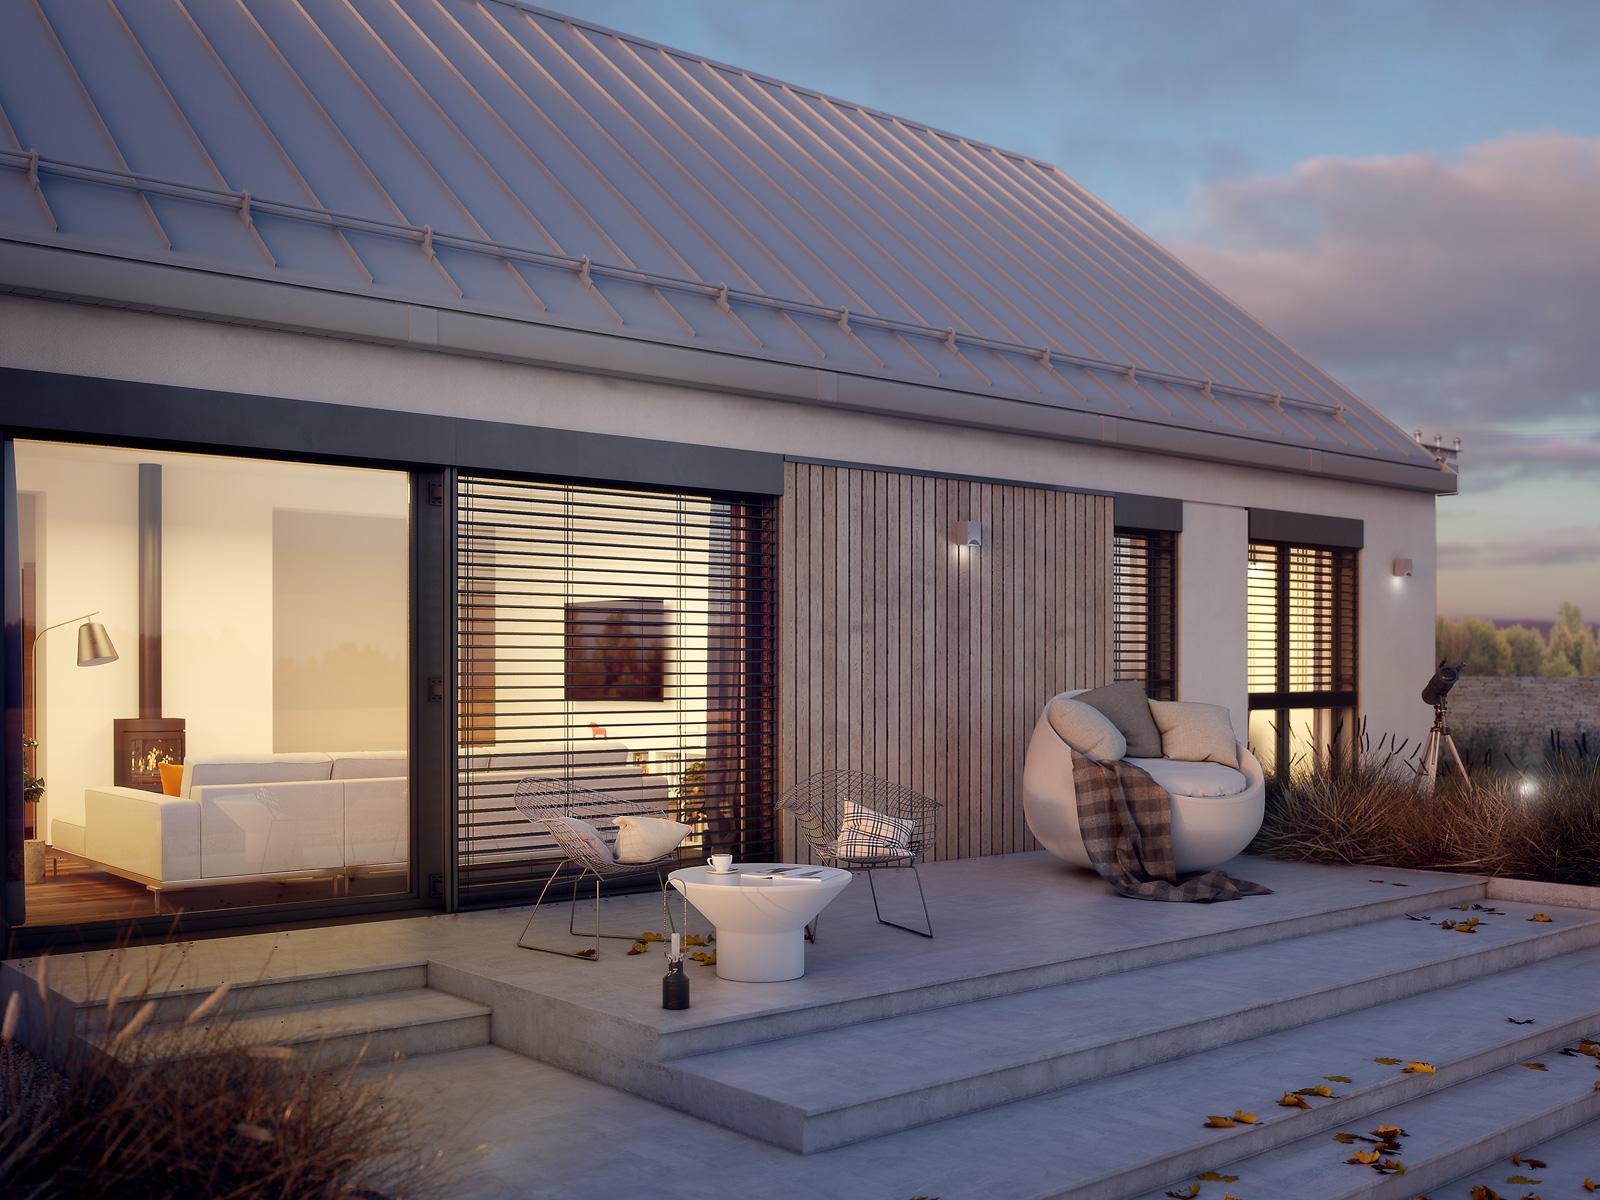 nowoczesny dom z drewnem